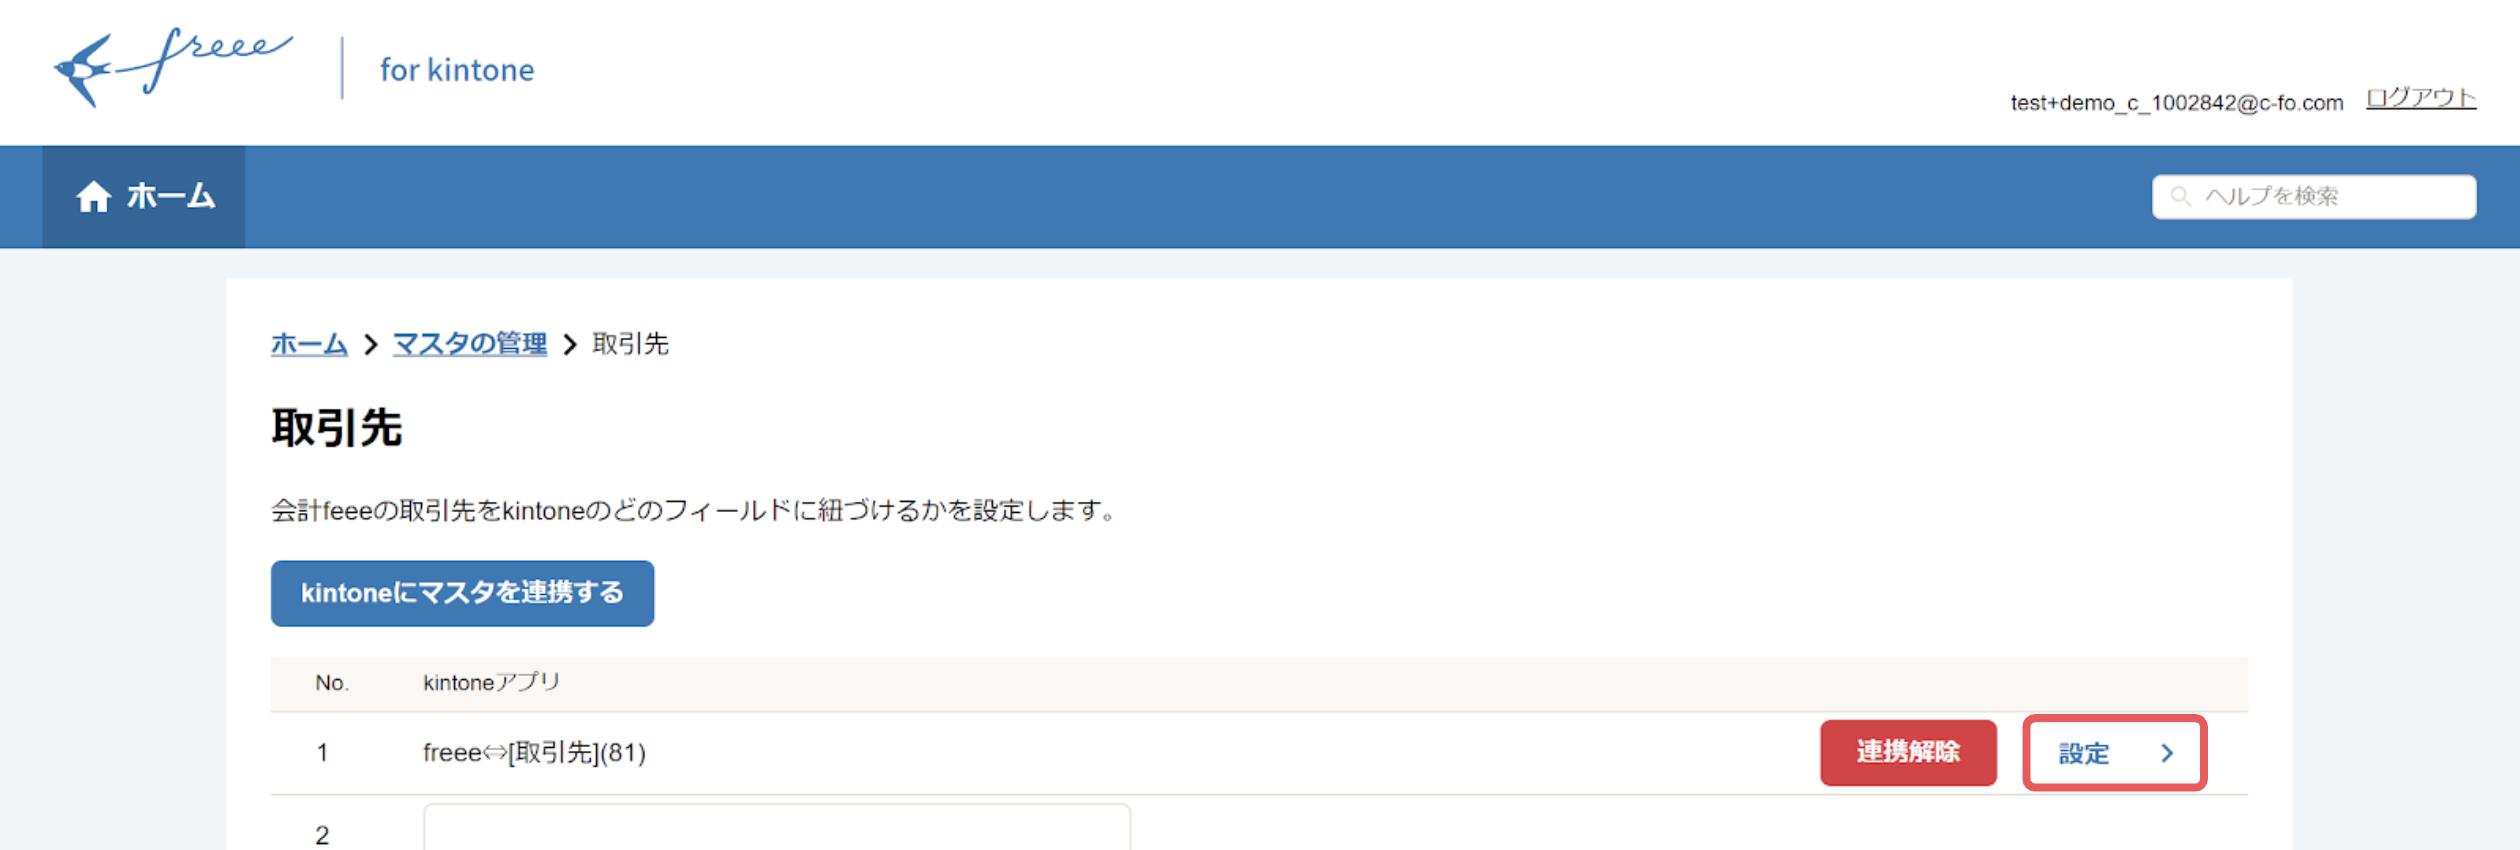 Screen_Shot_2020-07-09_at_16.13.06.png